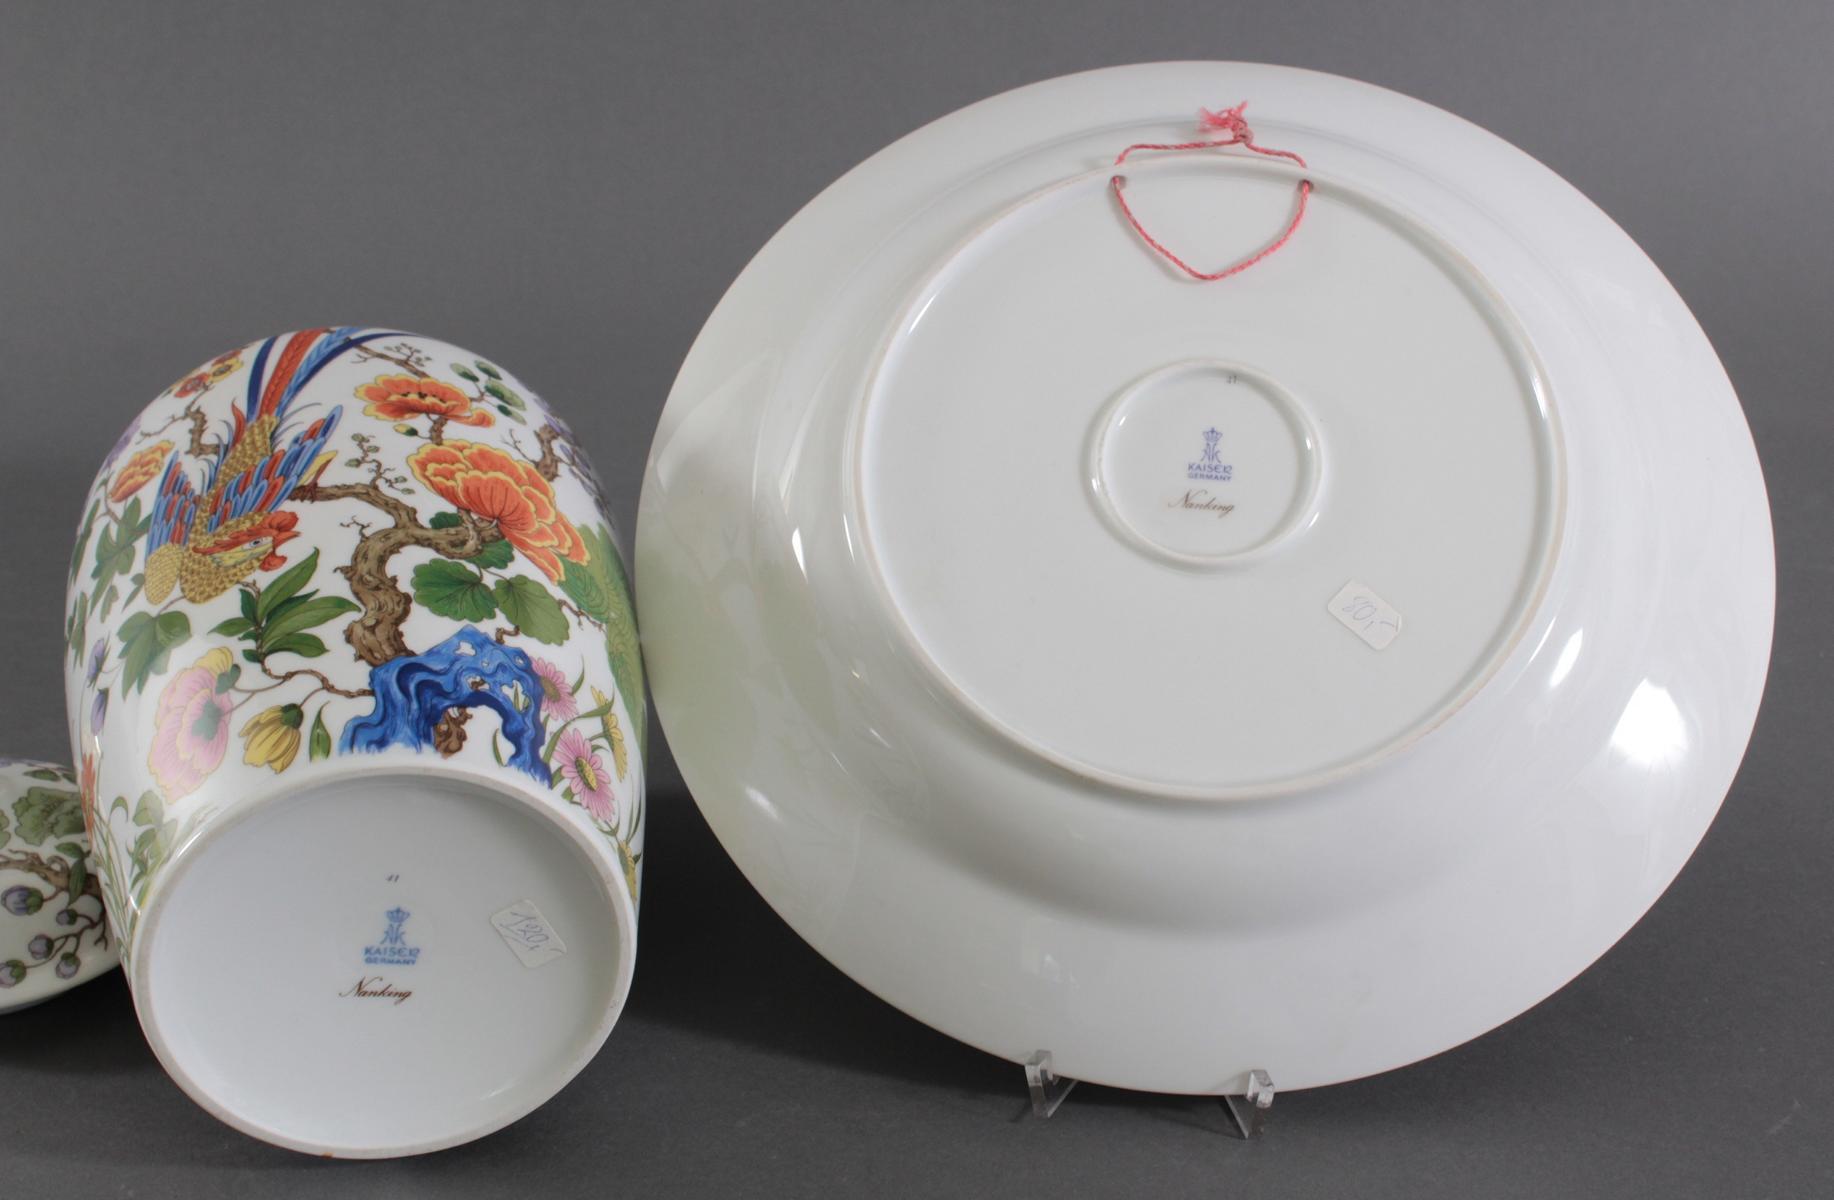 Wandteller und Deckelvase, Kaiser-Porzellan. Dekor: Nanking-3